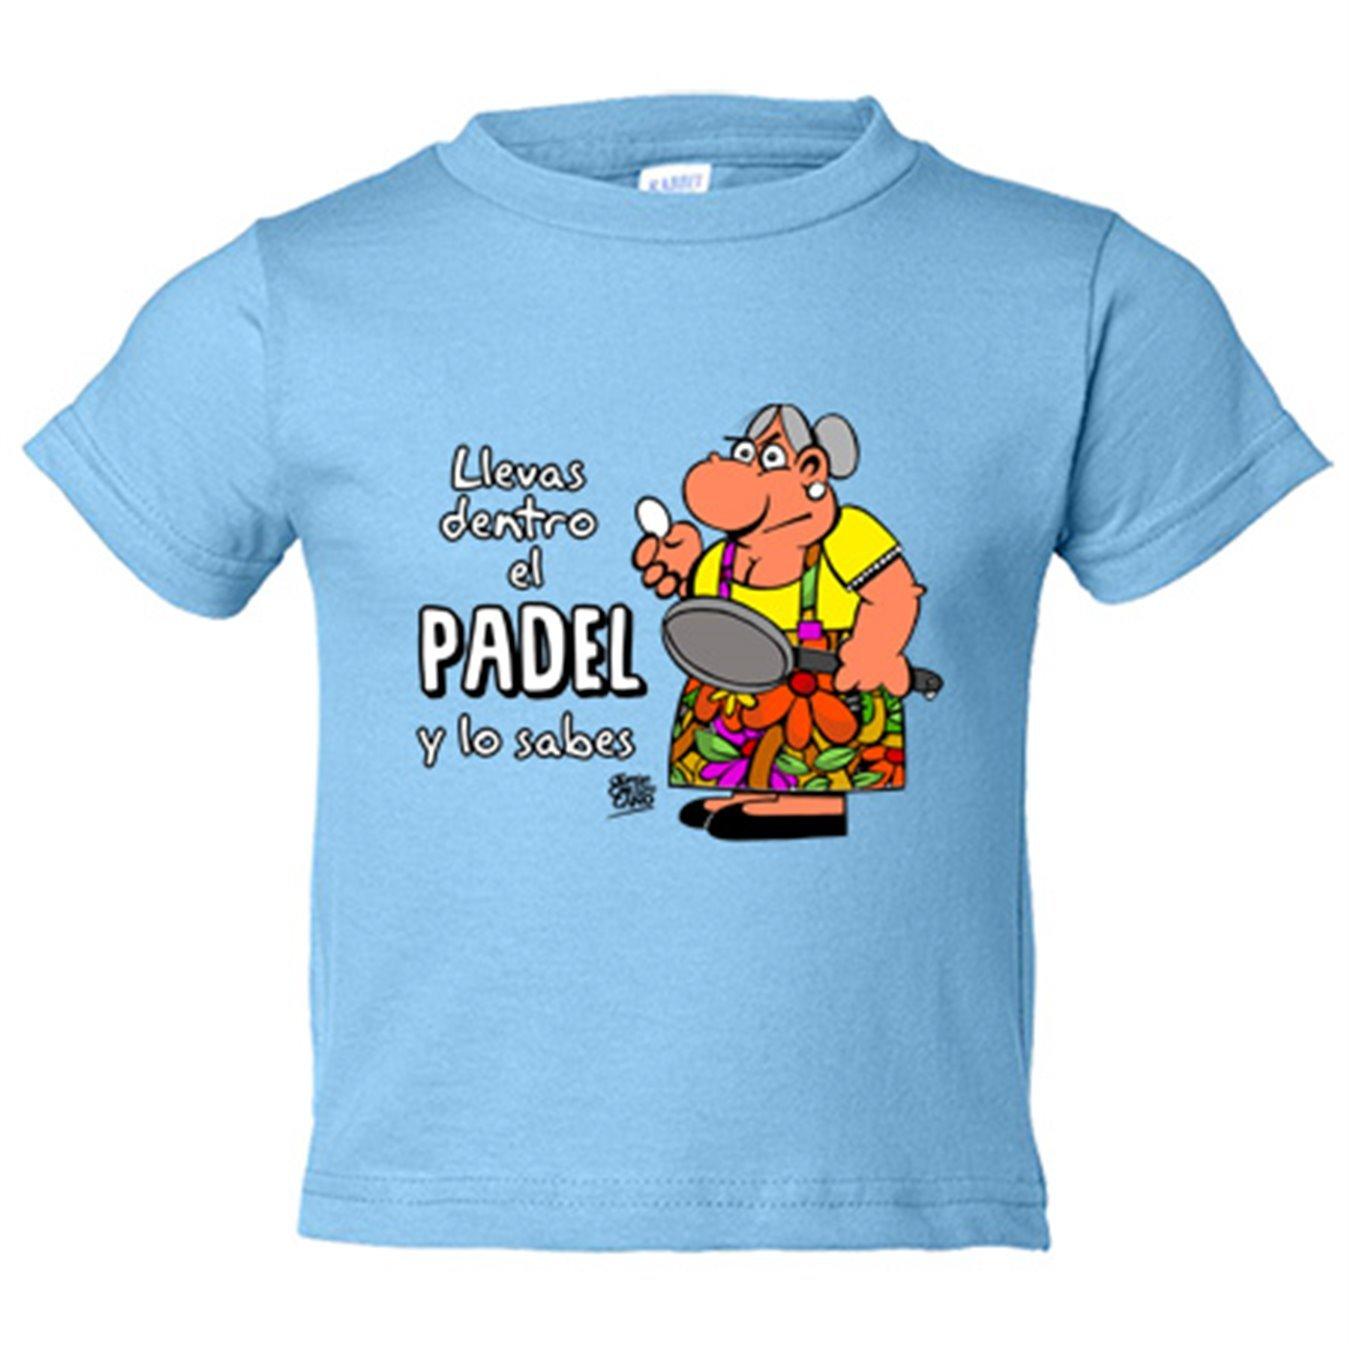 Camiseta niño Padel tenis Llevas dentro el padel y lo sabes ...